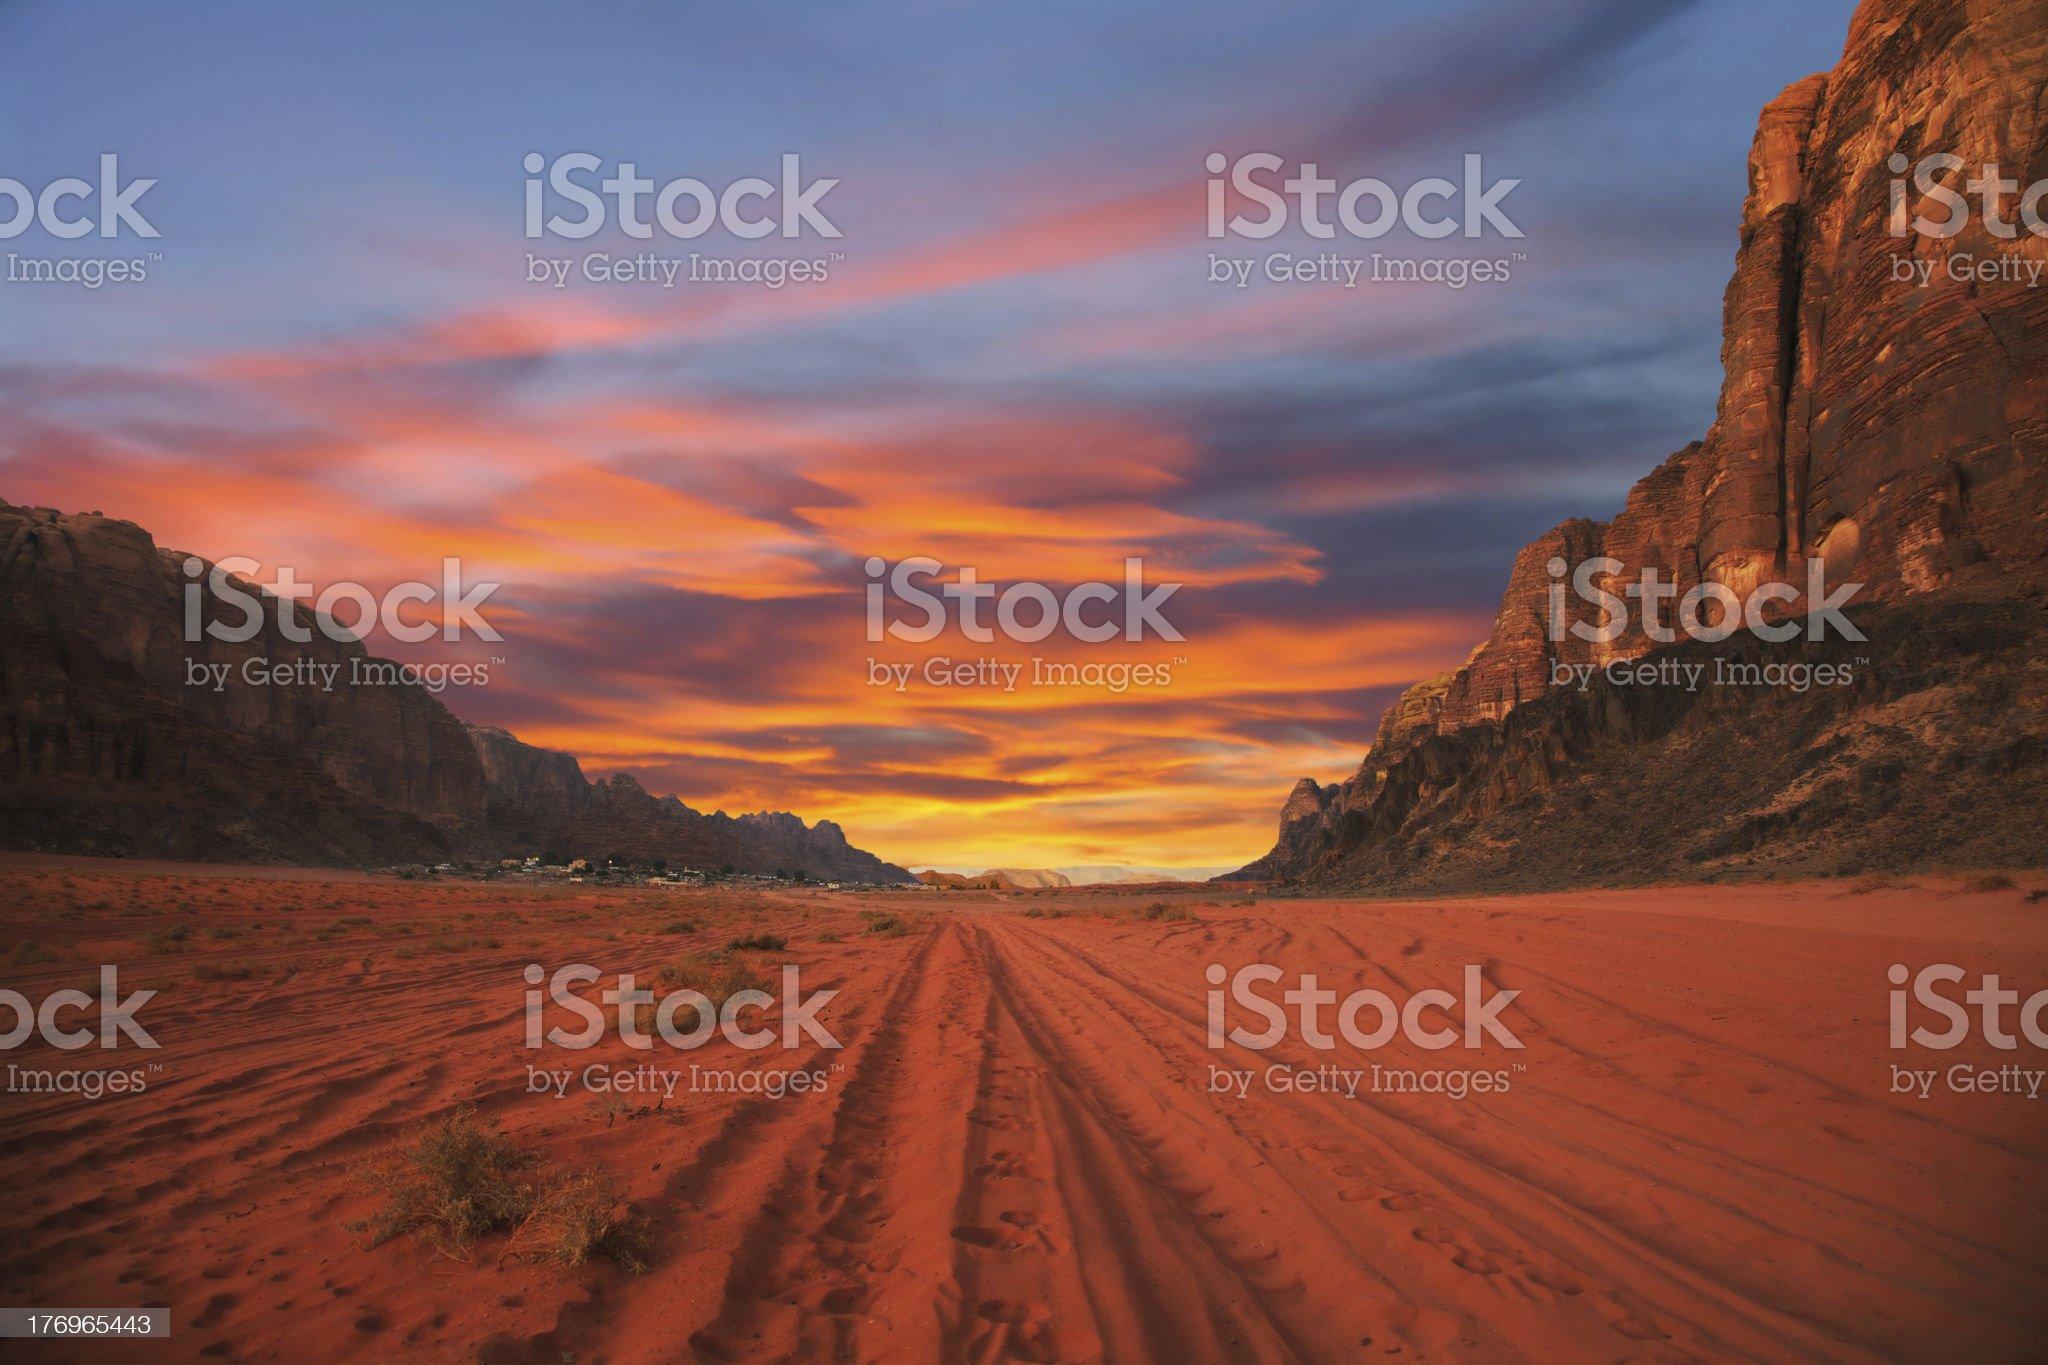 Sunset in desert royalty-free stock photo